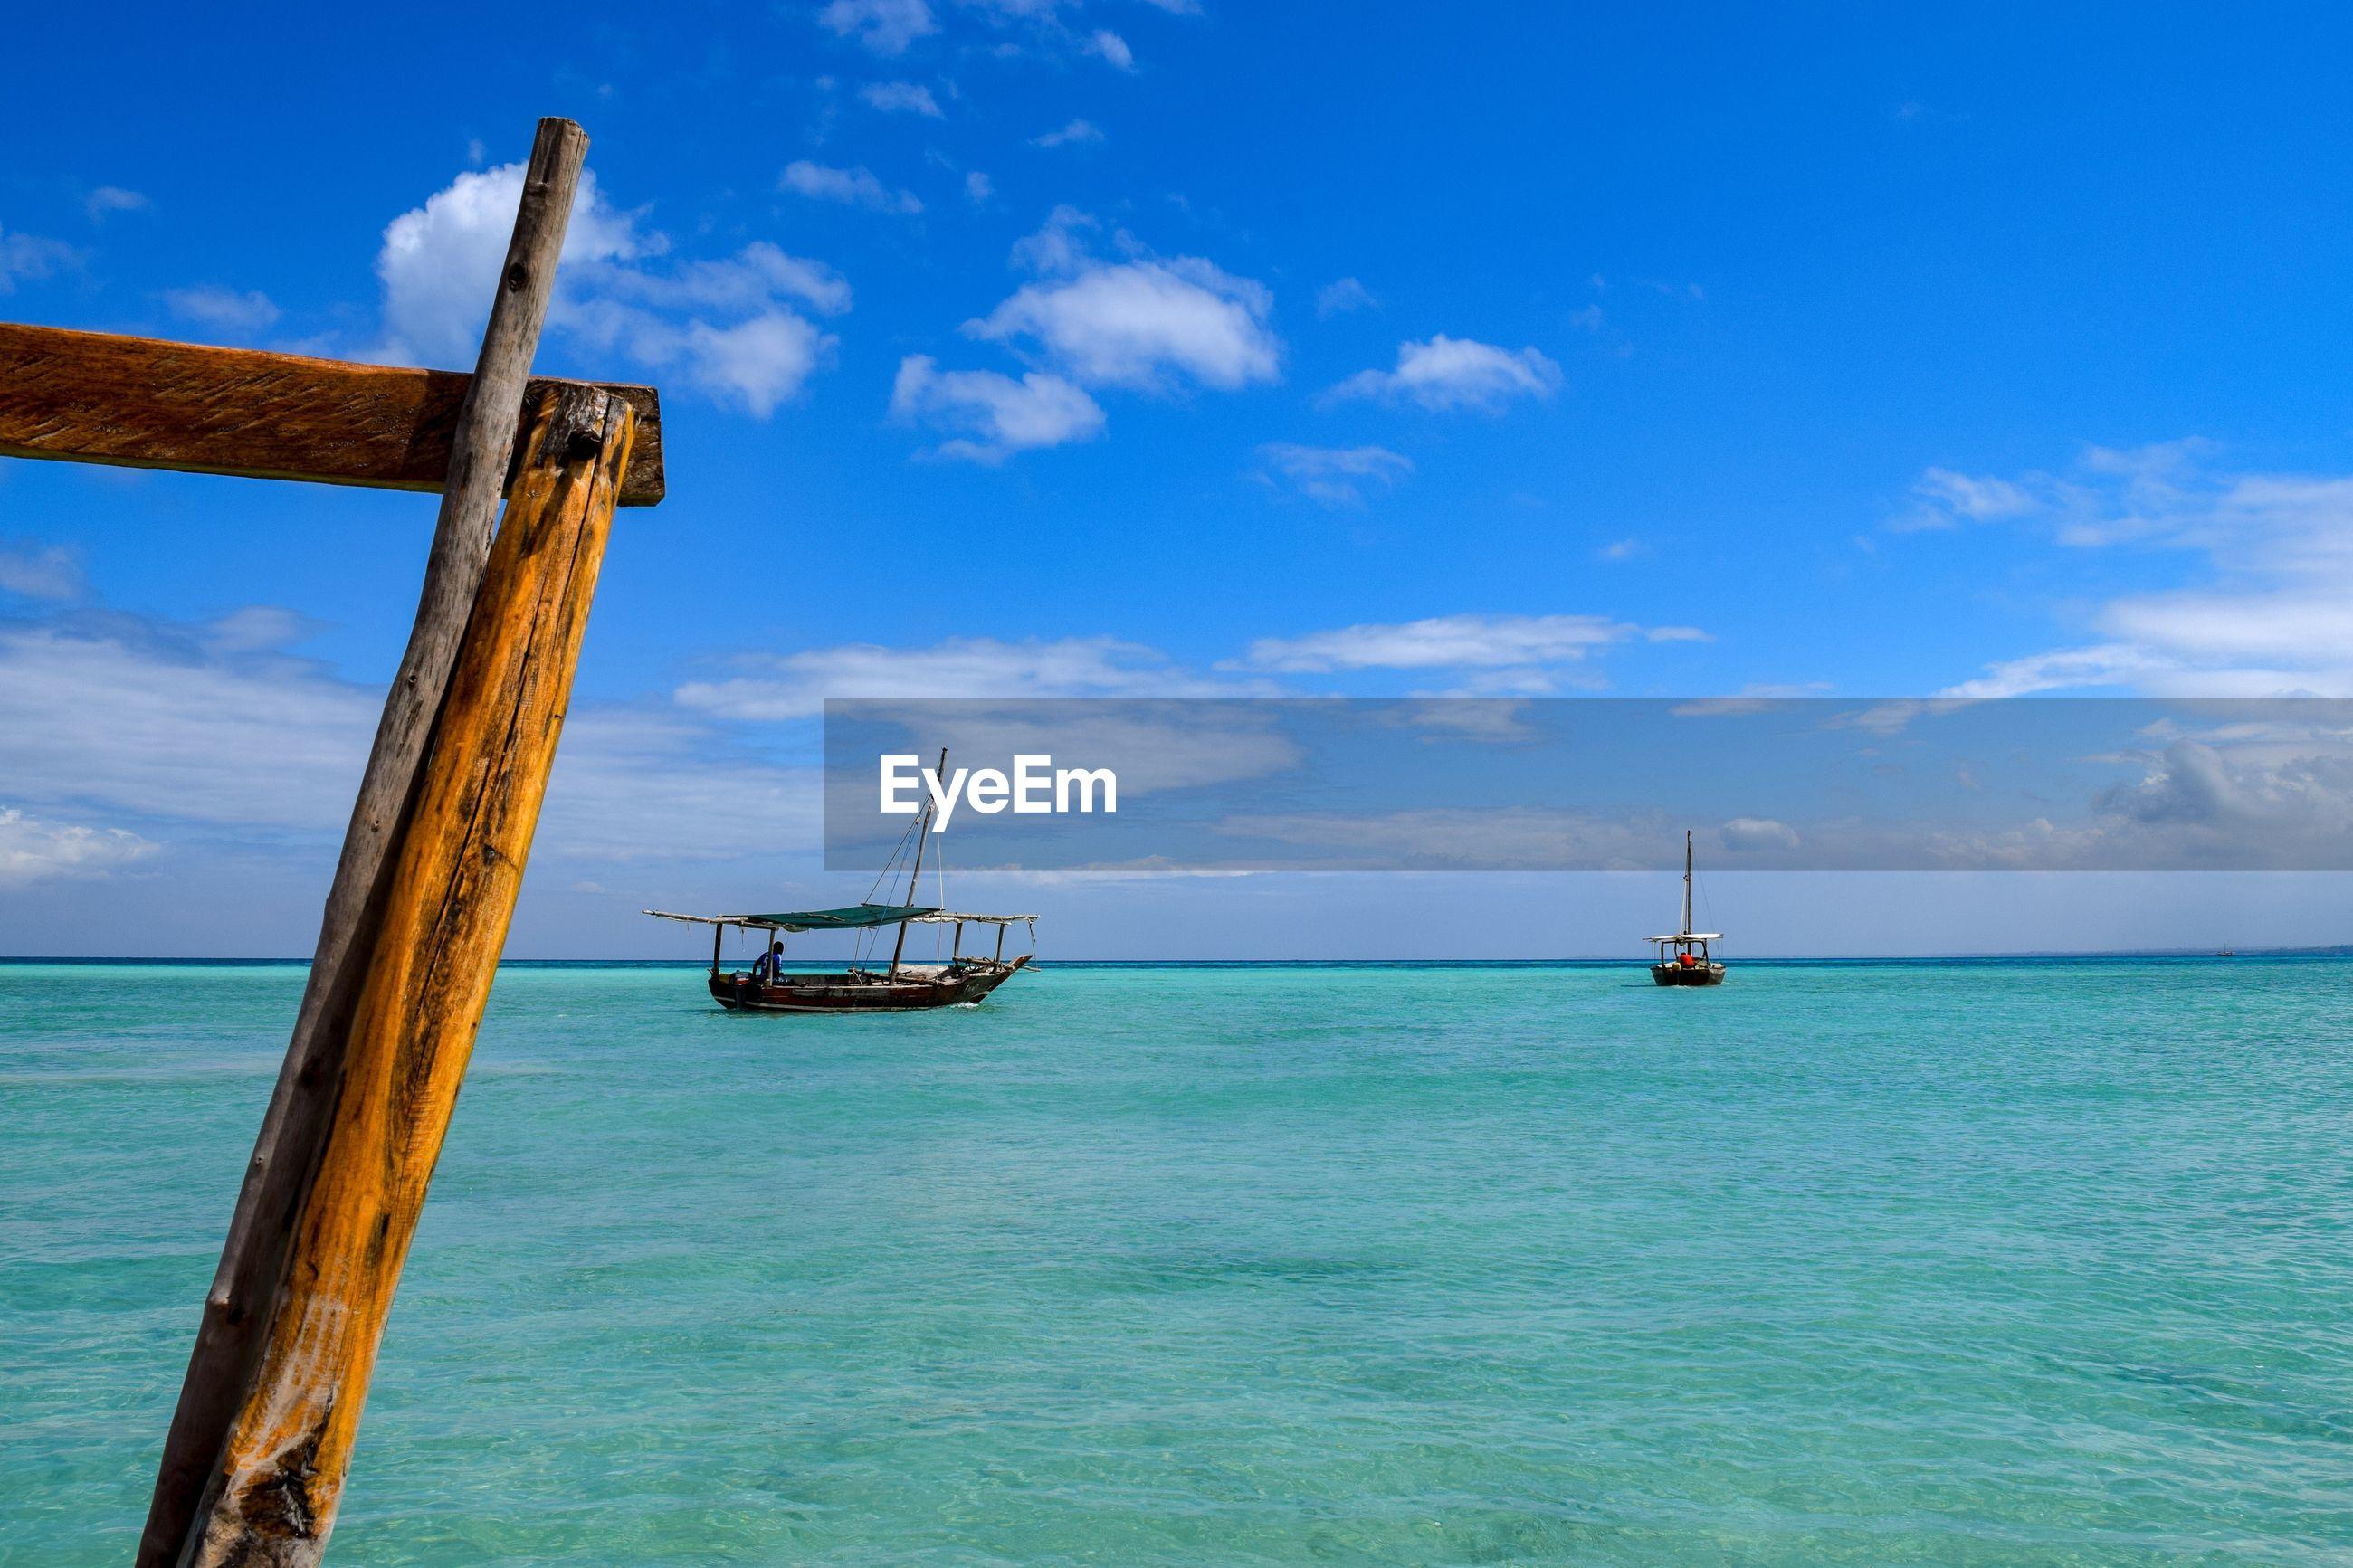 NAUTICAL VESSEL ON SEA AGAINST BLUE SKY